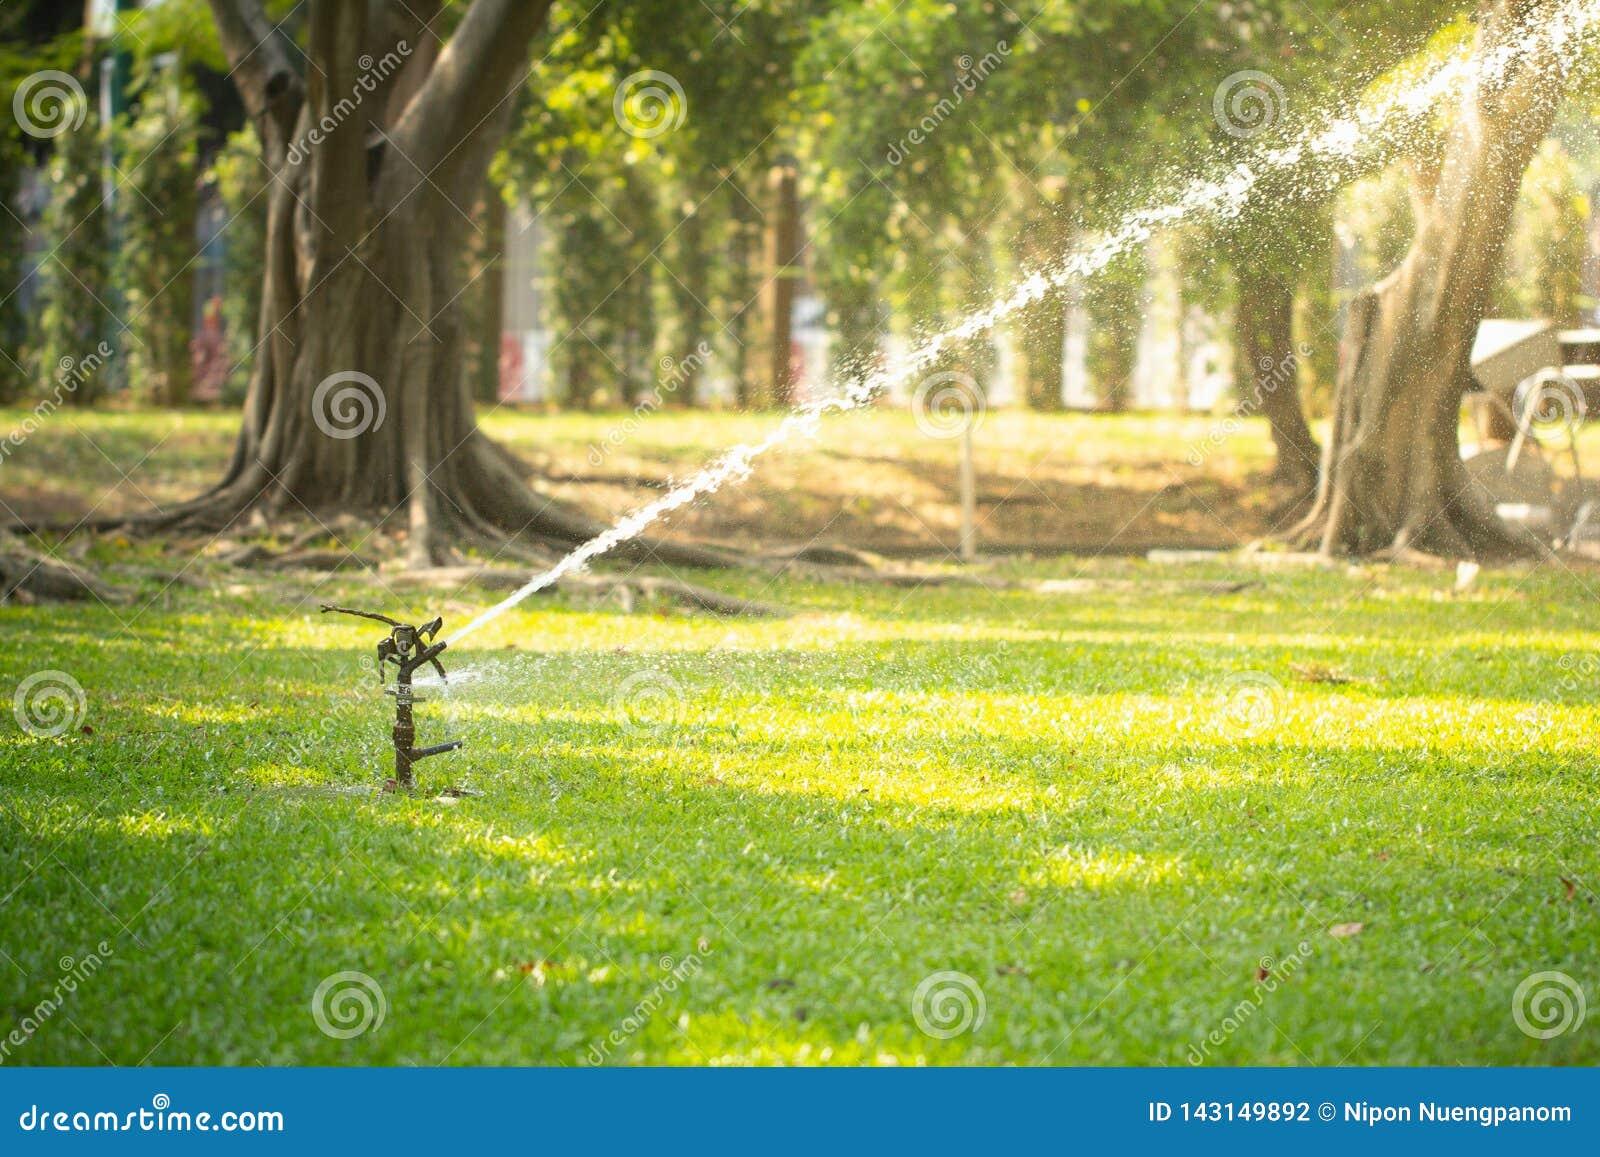 Bewässerungsgras der Rasenberieselungsanlage im Garten unter Sonnenlicht